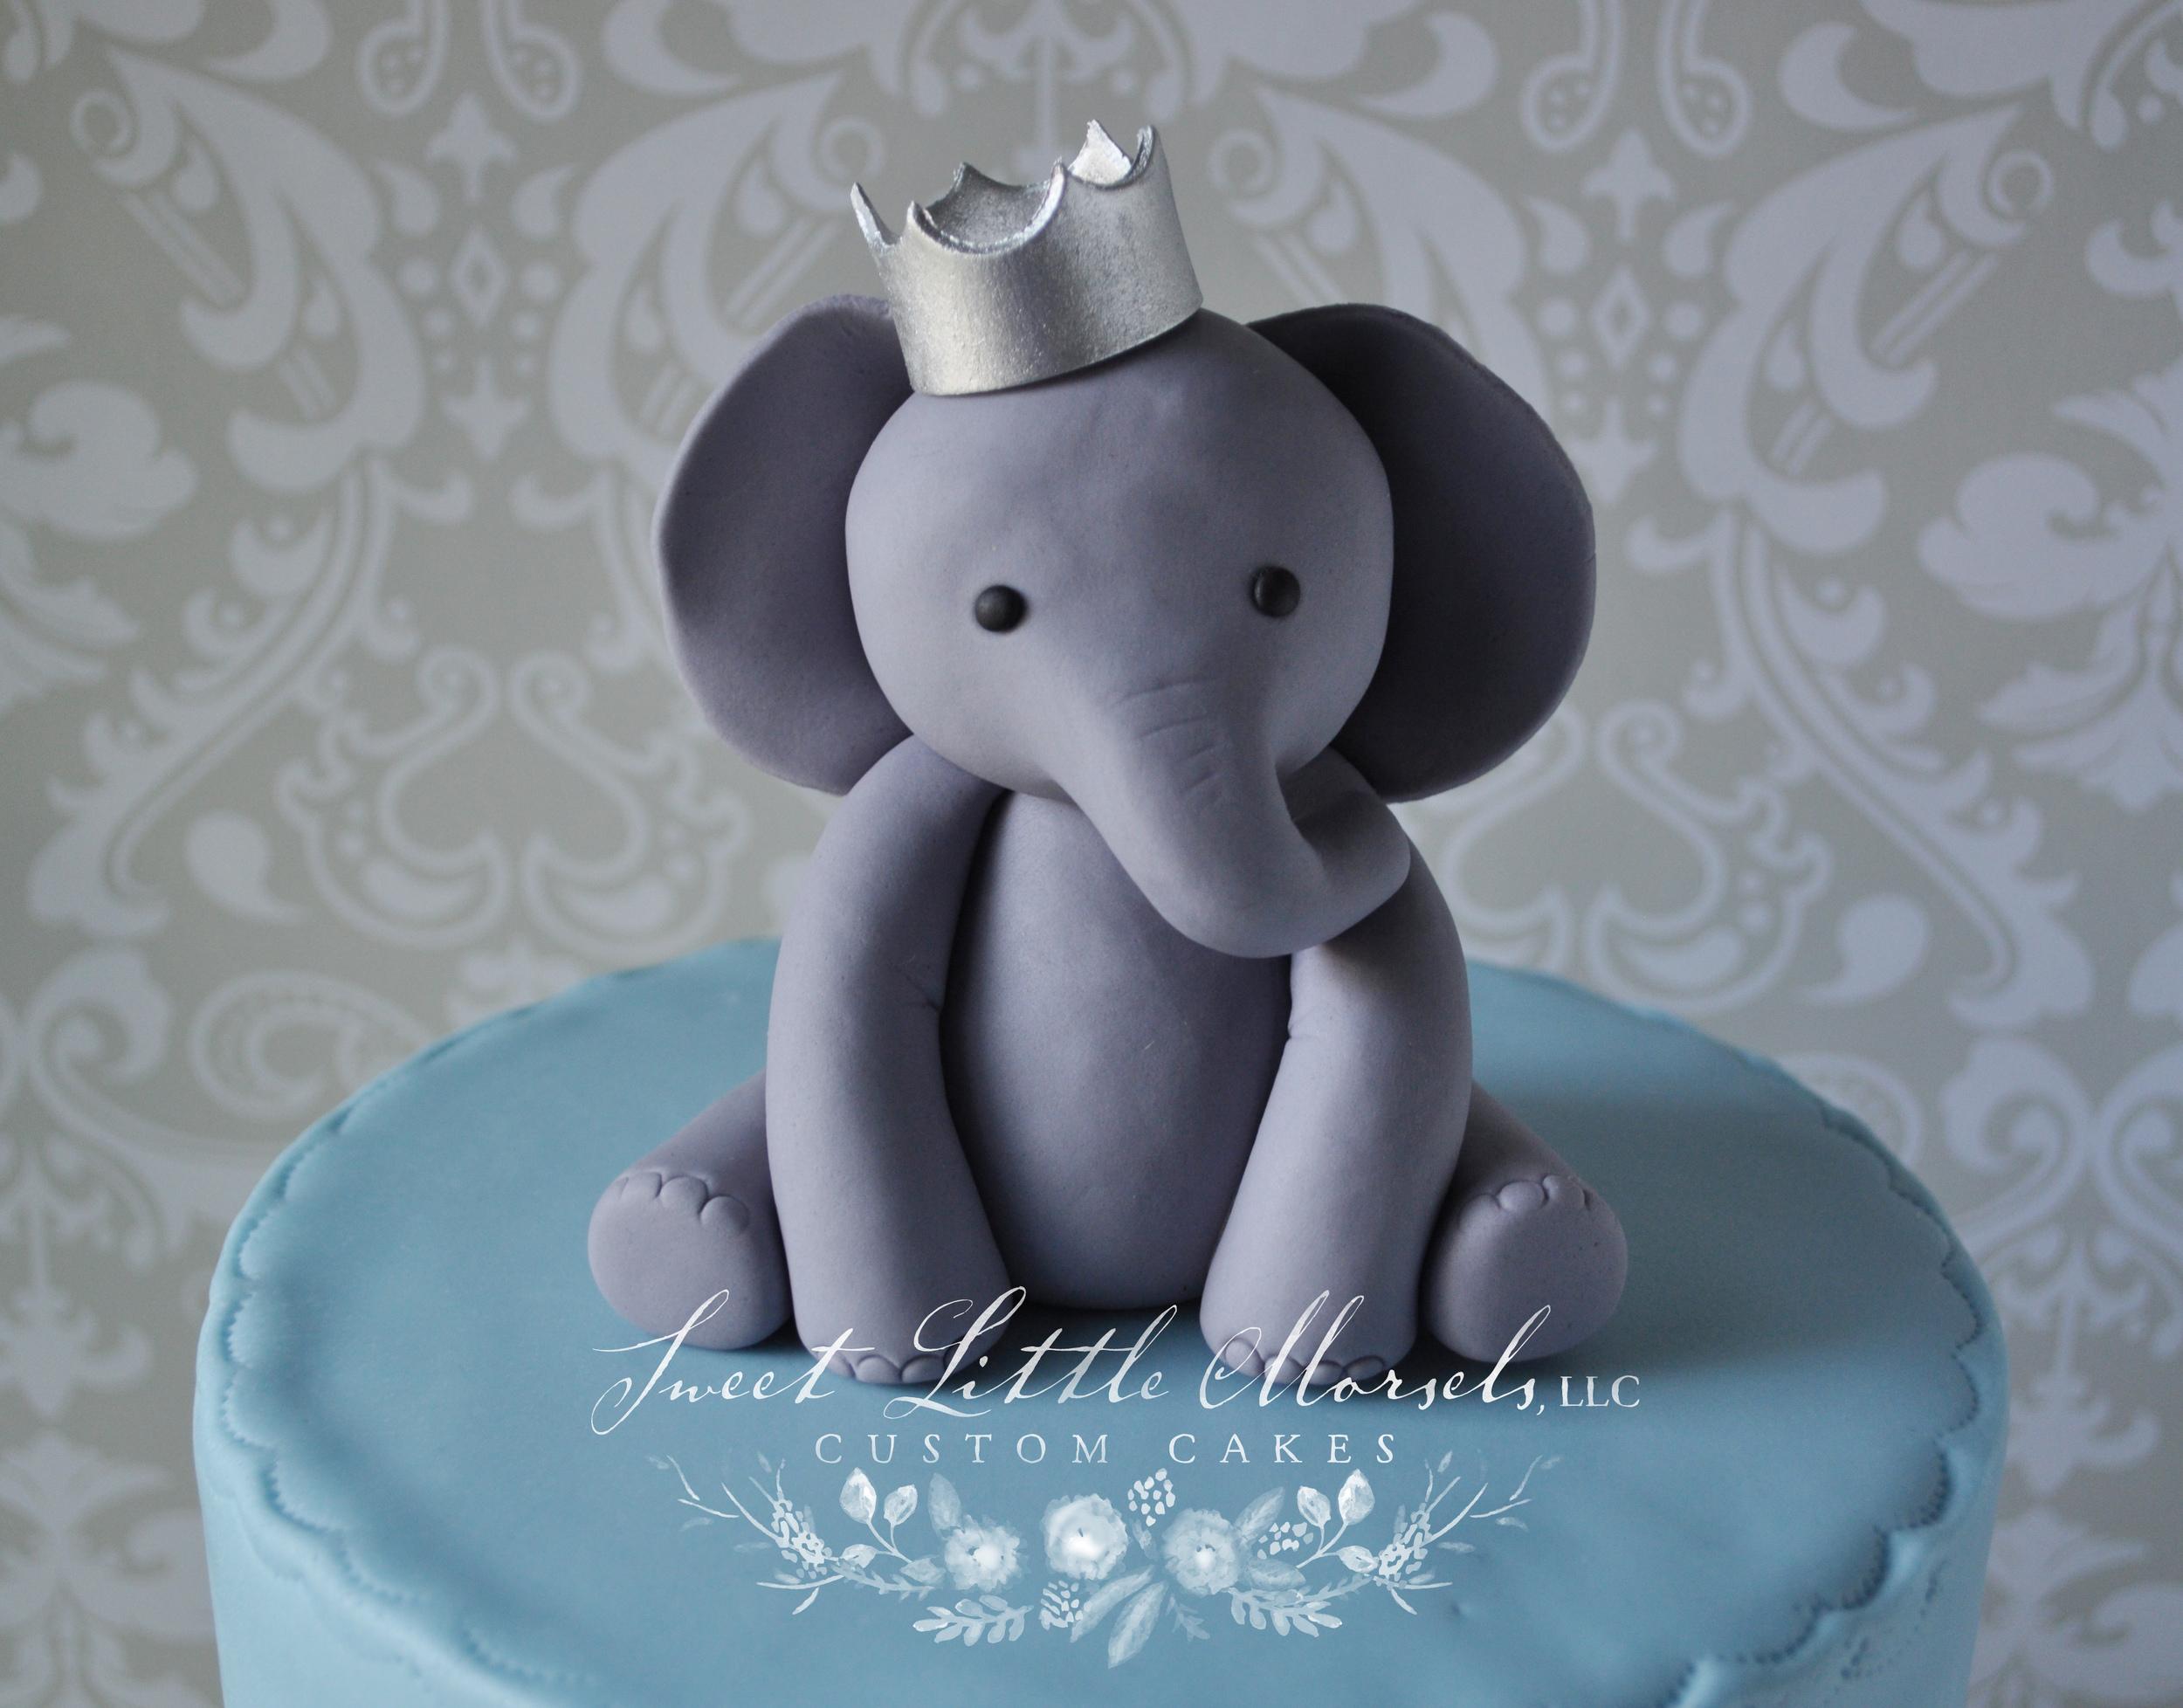 Baby Boy Elephant w Crown Cake Topper Sweet Little Morsels LLC